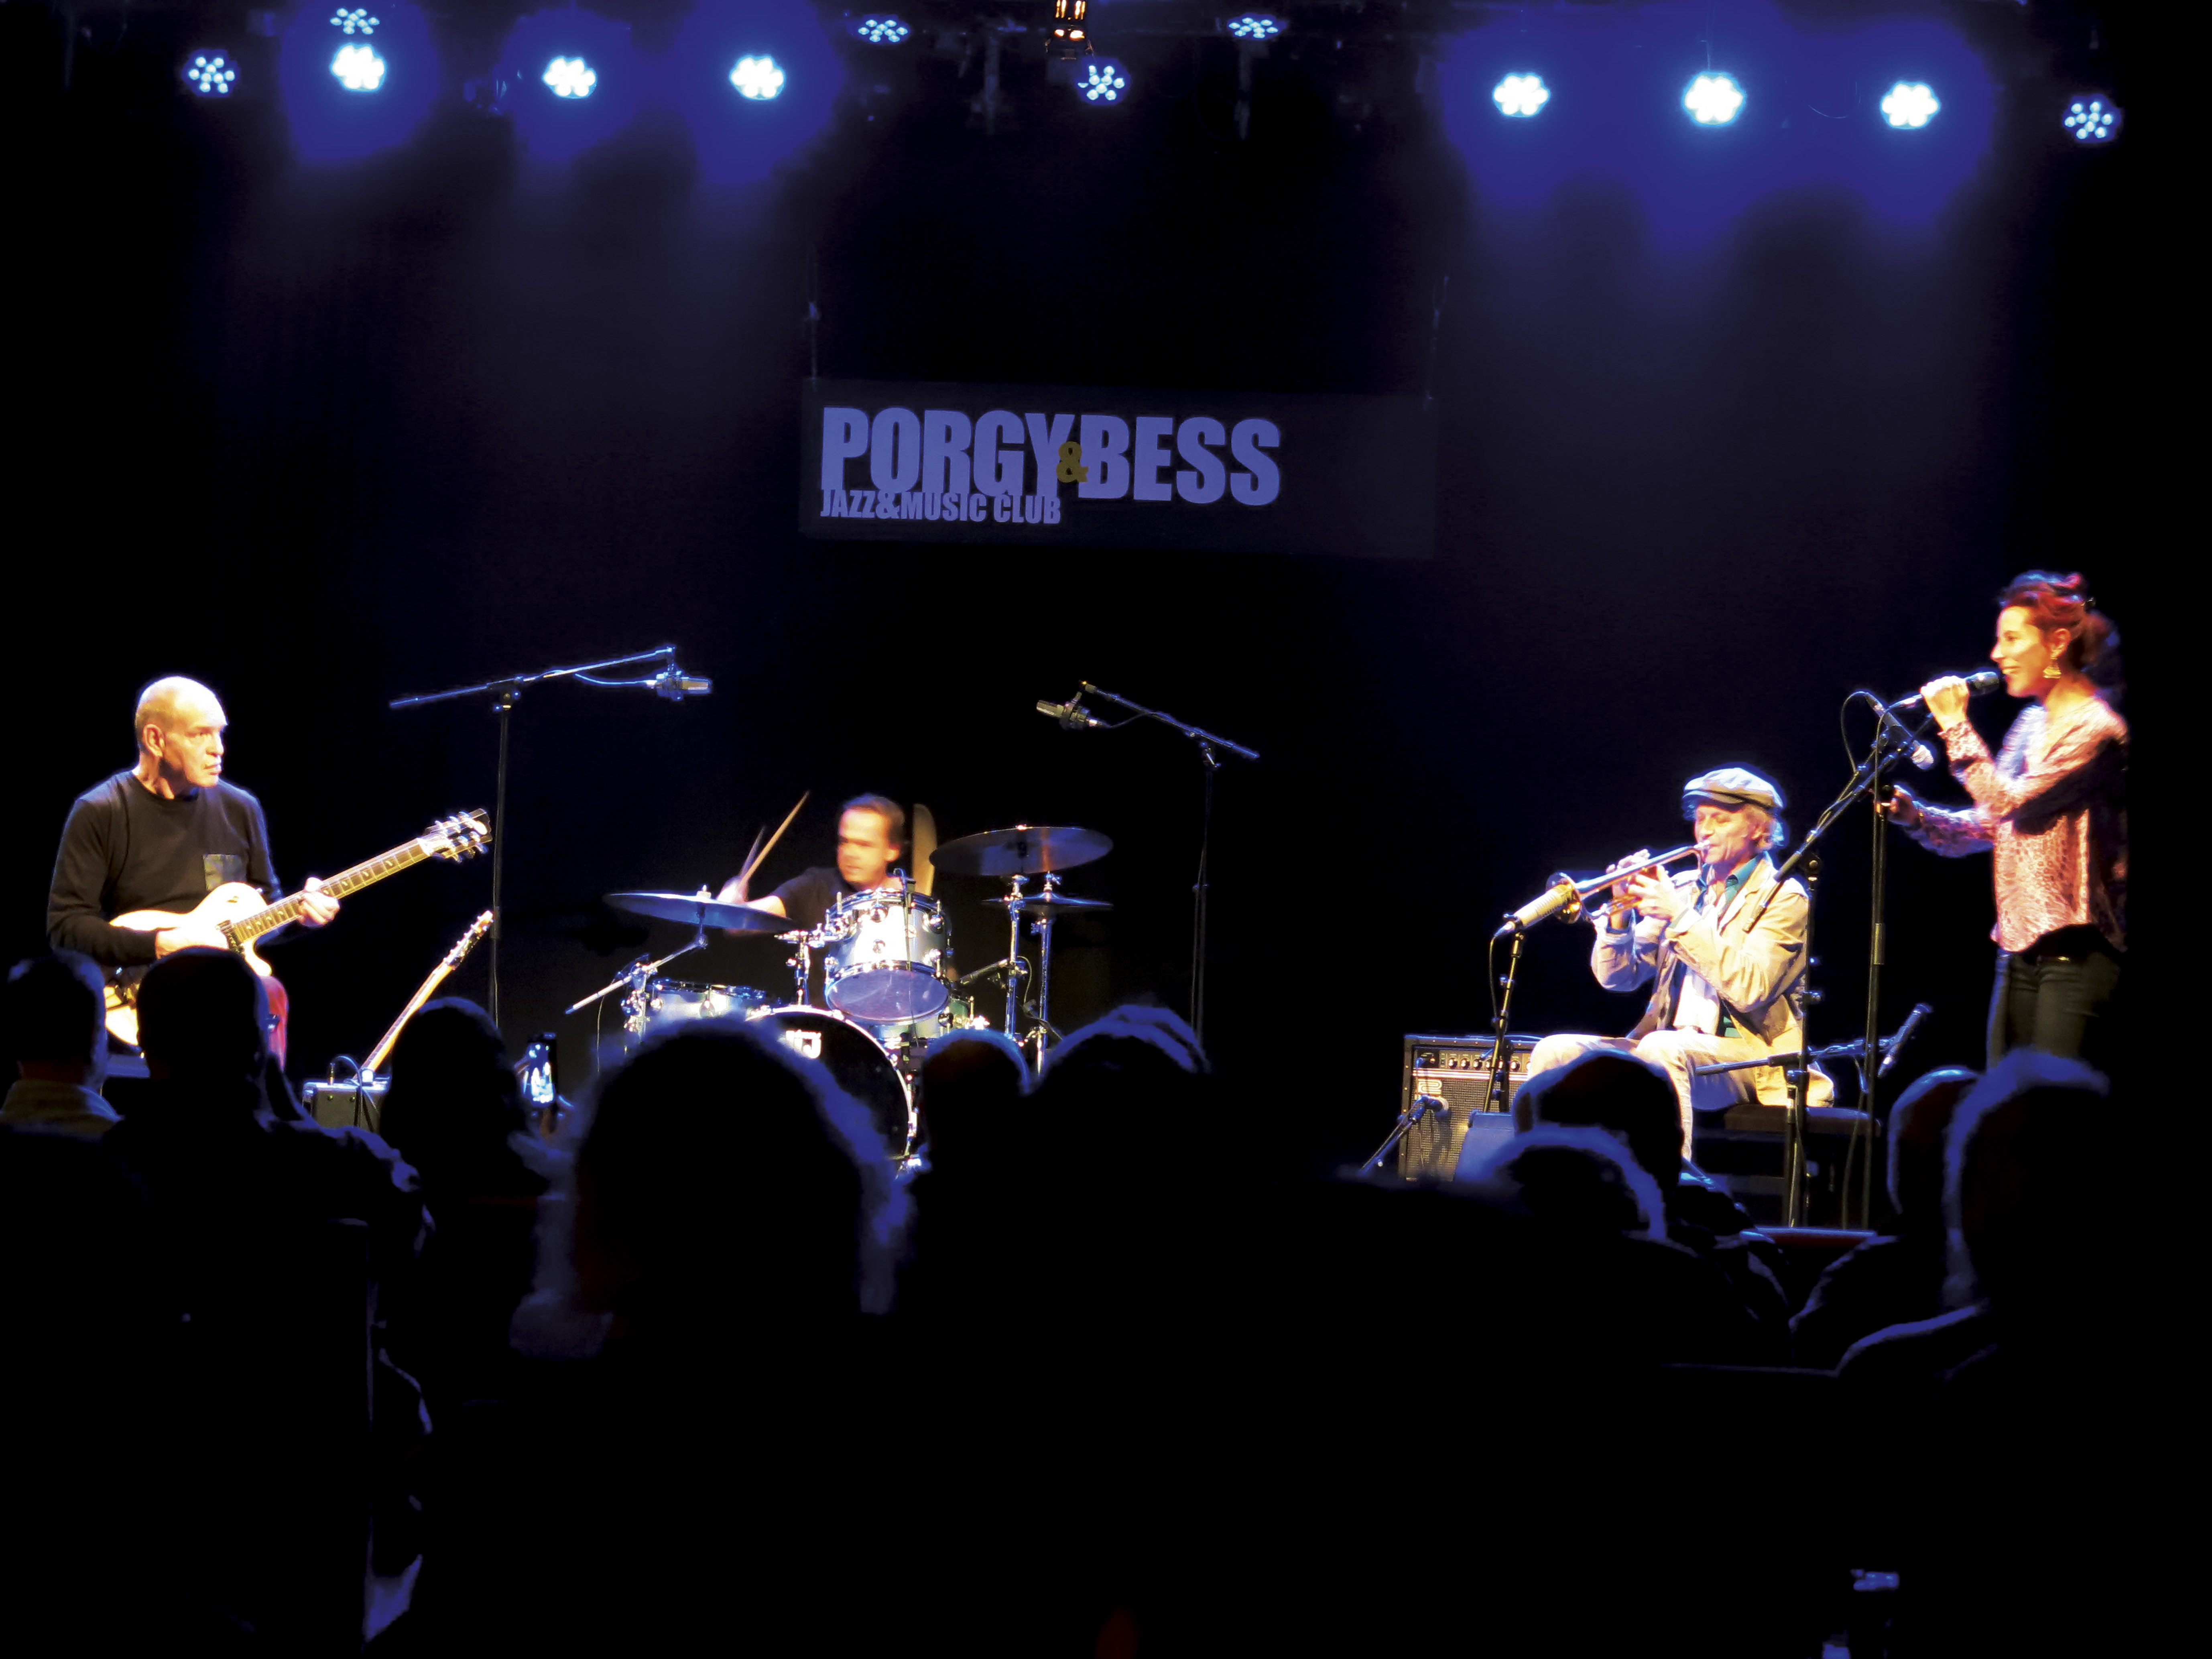 Nachhall – Verknüpfungen zum Gehörten - Porgy & Bess - Jazz & Music Club